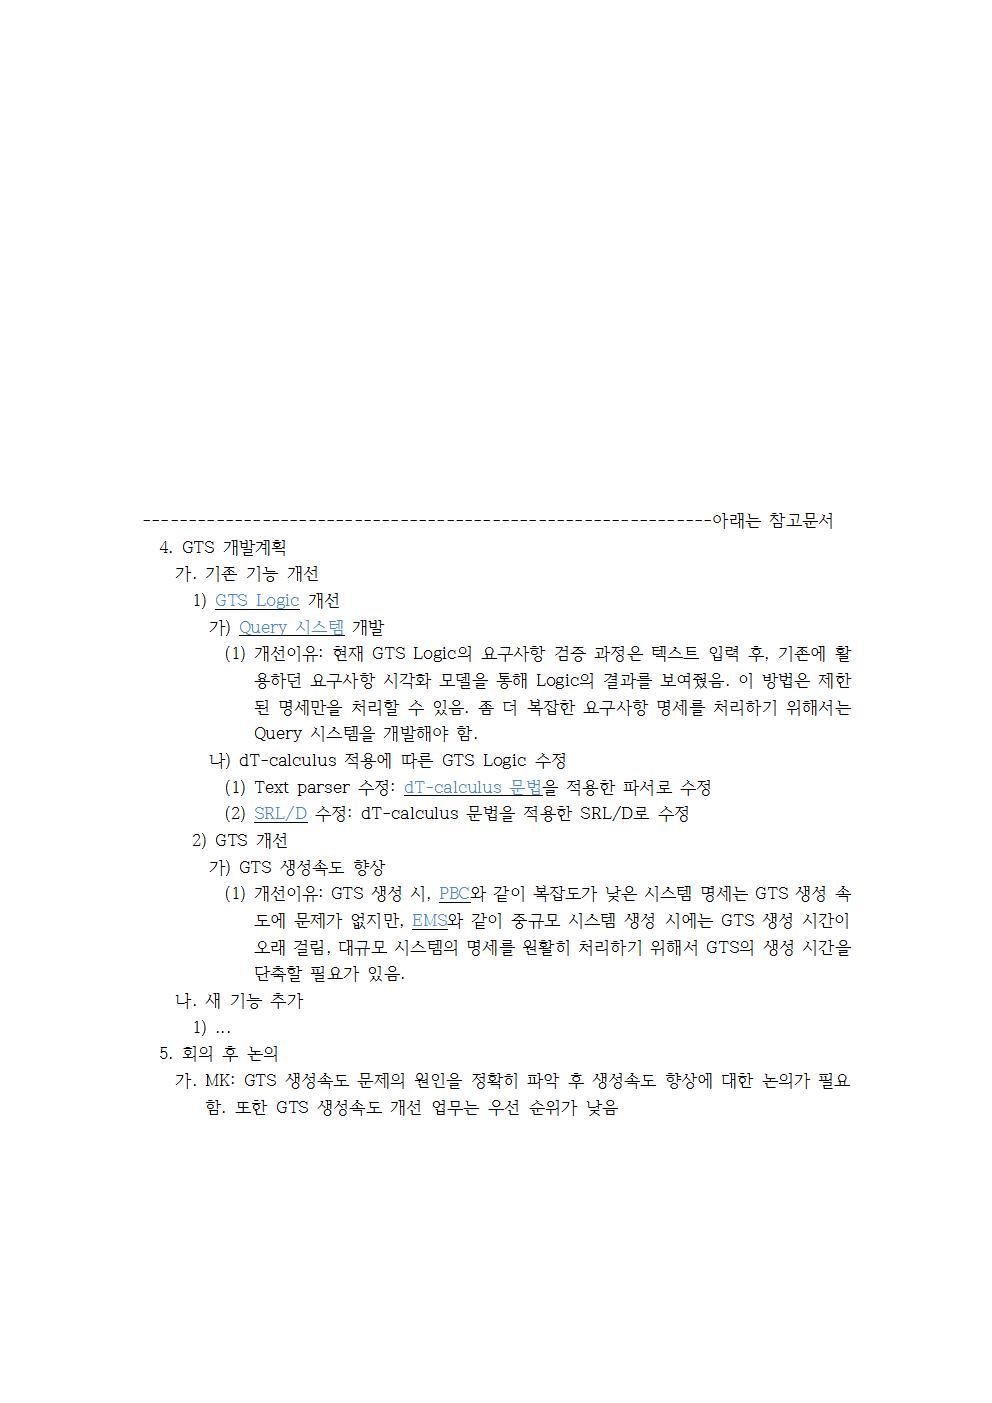 D-[17-005-RD-01]-[SAVE2.0-ADOxx]-[YB, SH]-[2017-09-14]003.jpg